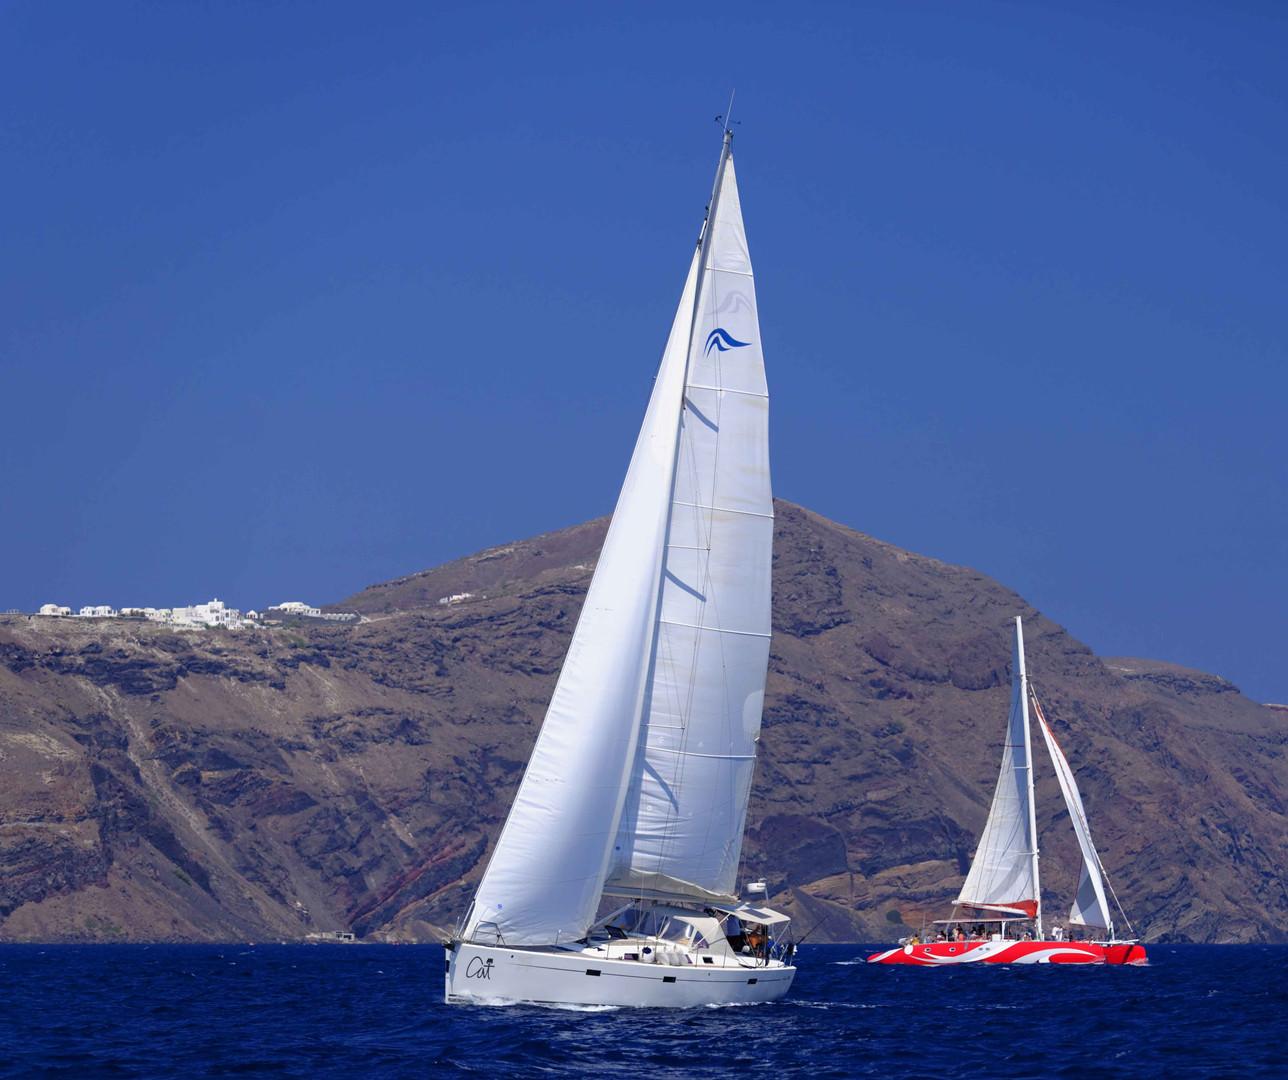 sail boat catamaran greece santorini cyc